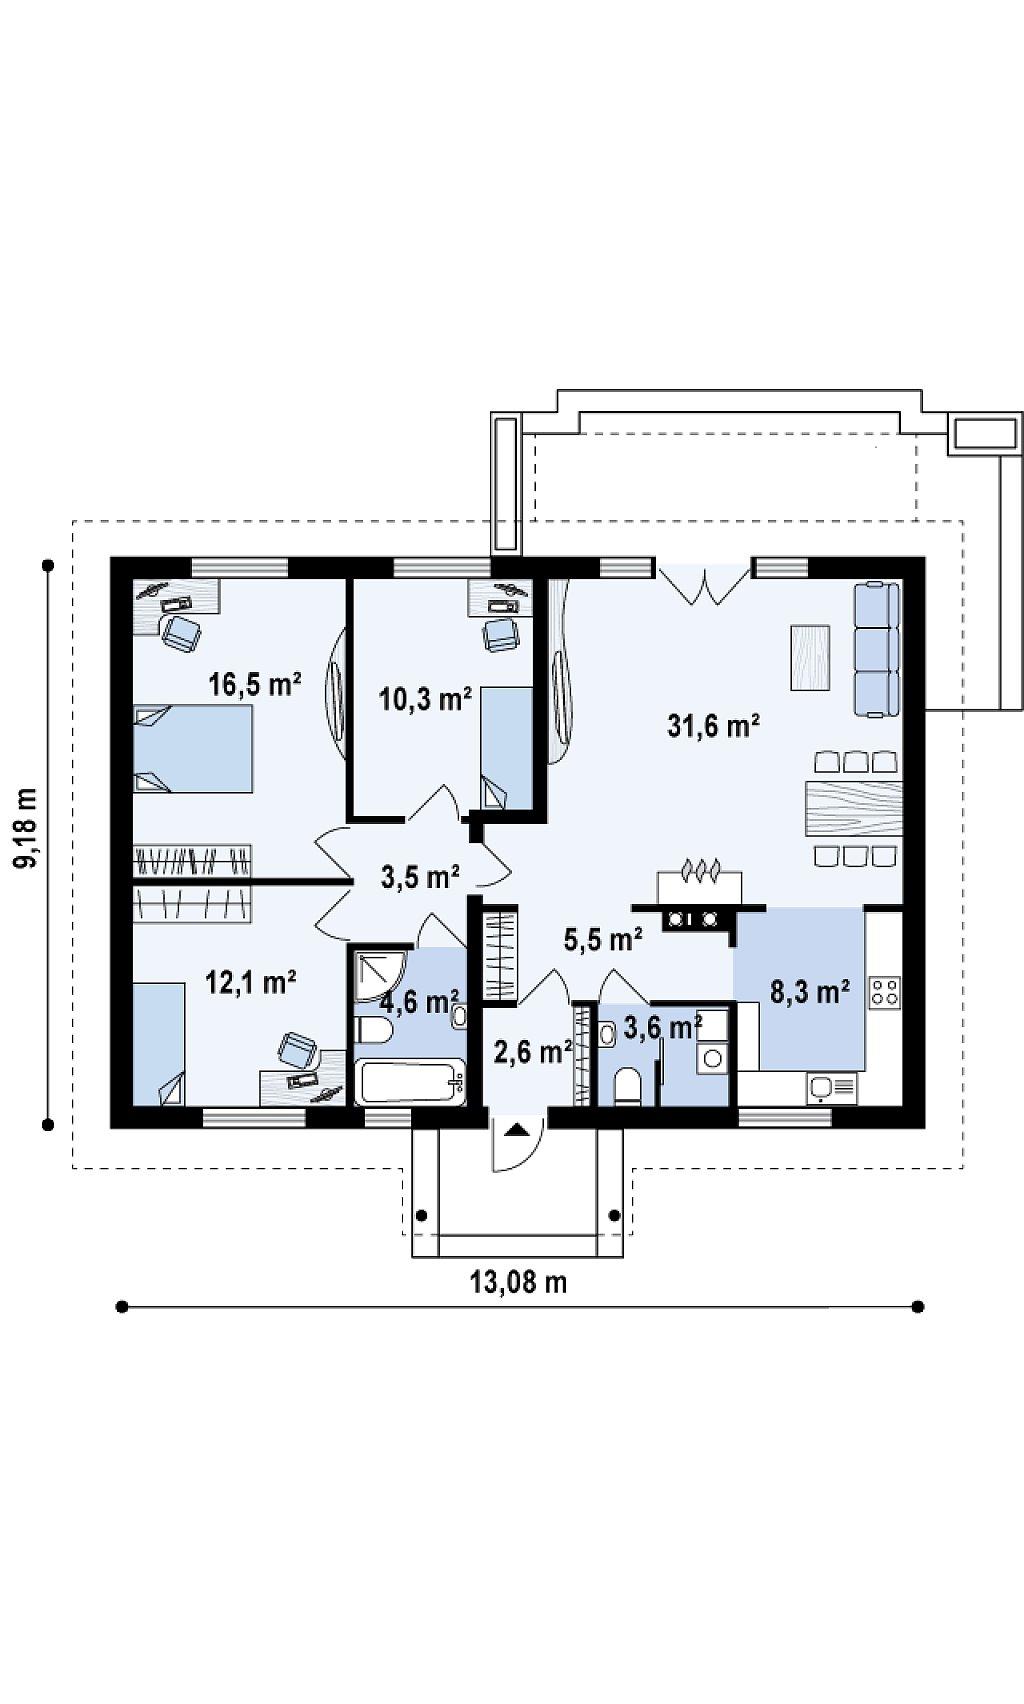 Выгодный и простой в строительстве дом полезной площадью 100 м2. план помещений 1